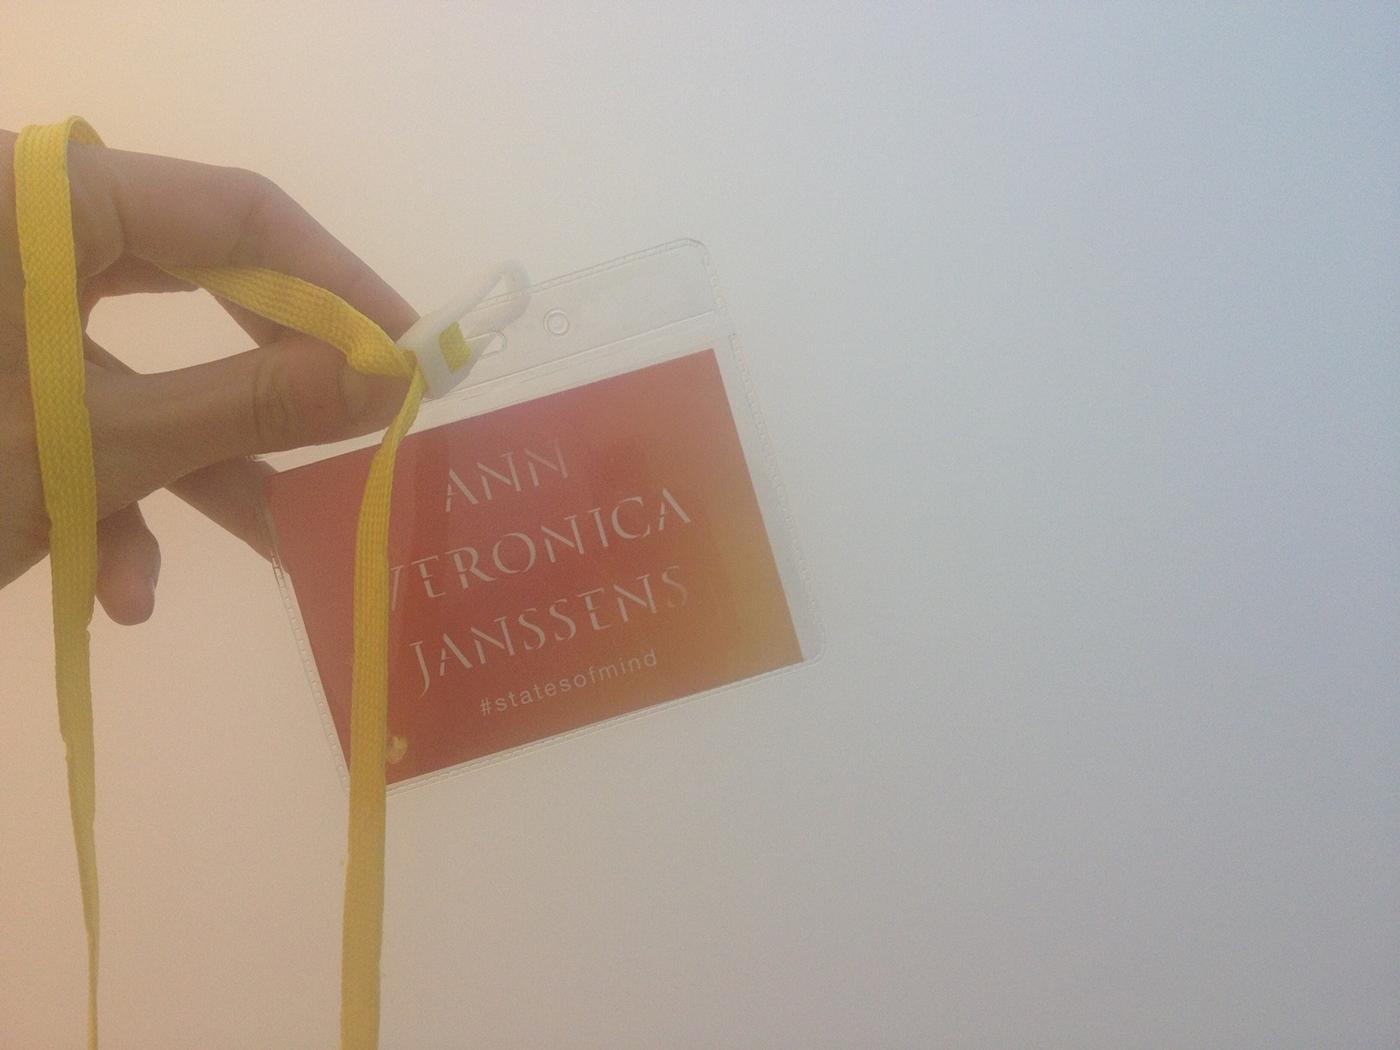 Tulossa Kiasmaan: Ann Veronica Janssens